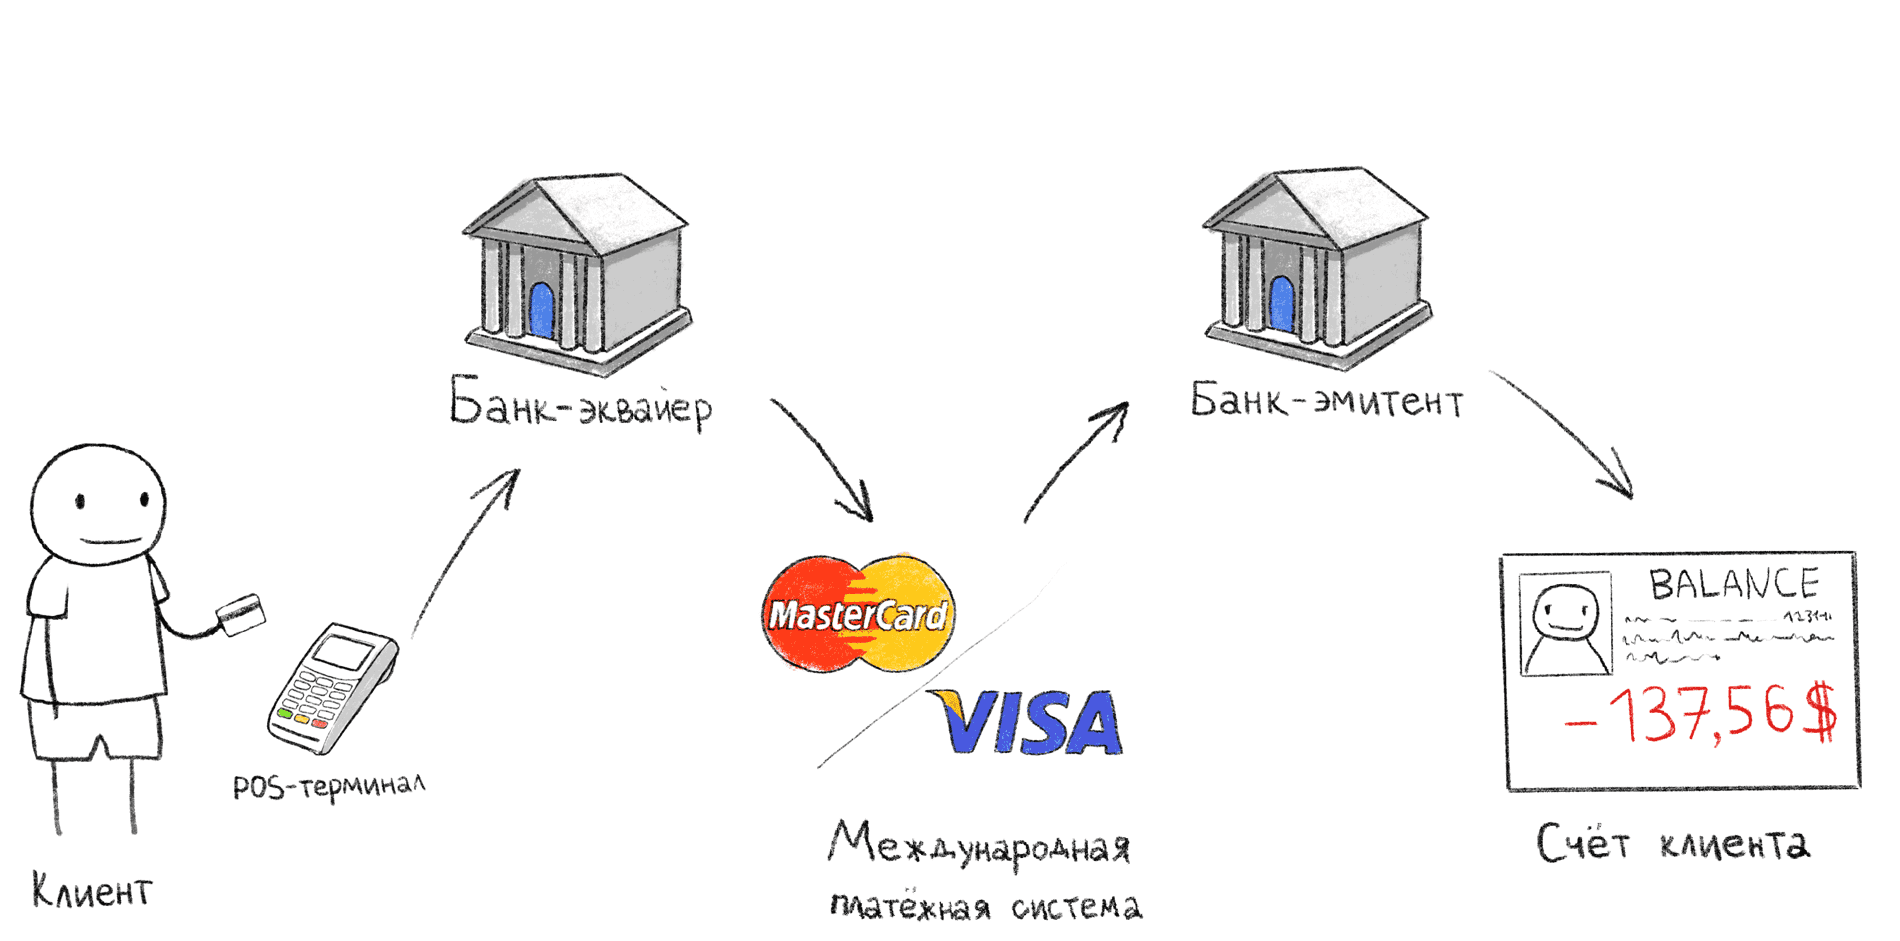 Что такое индекс банковской карты